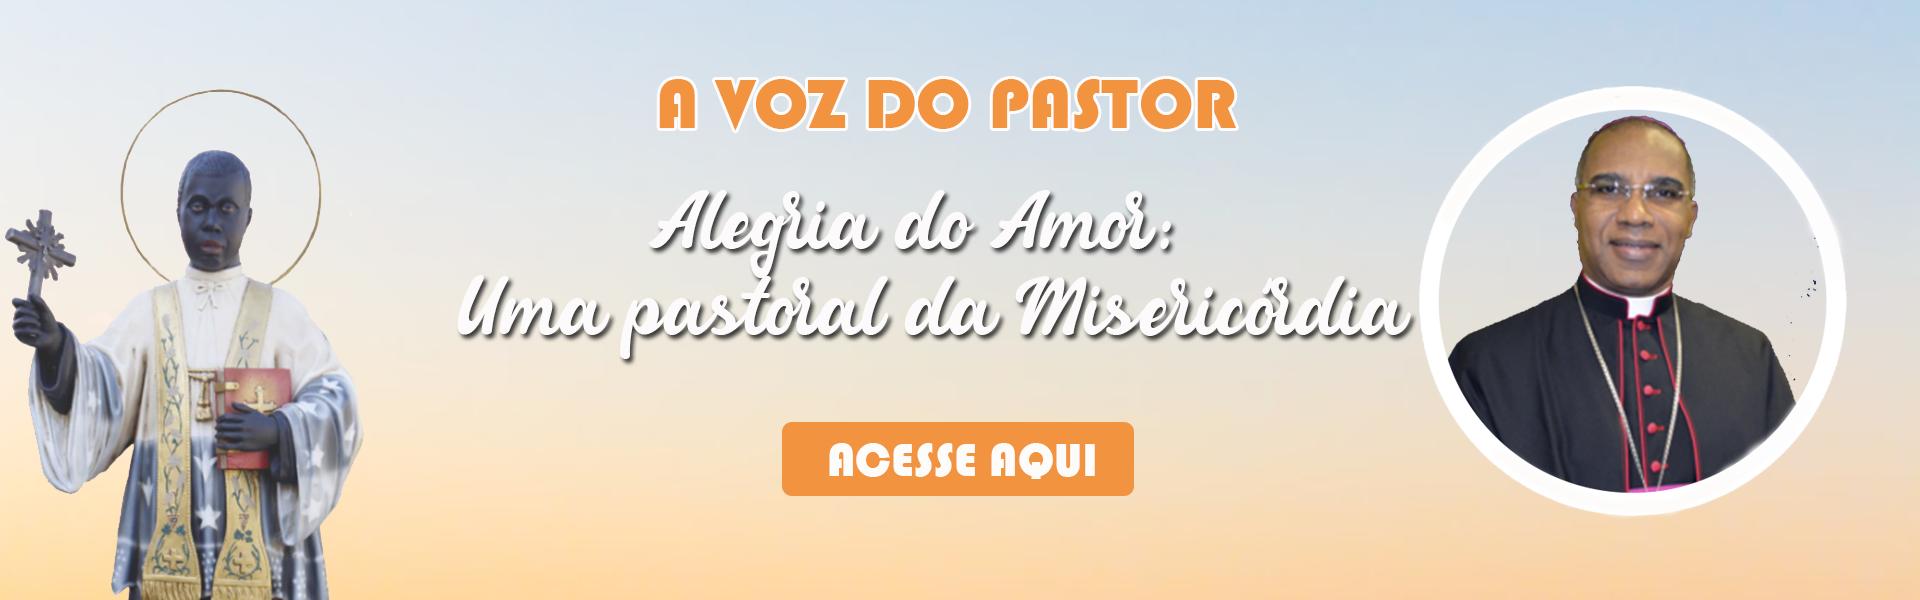 A voz do pastor